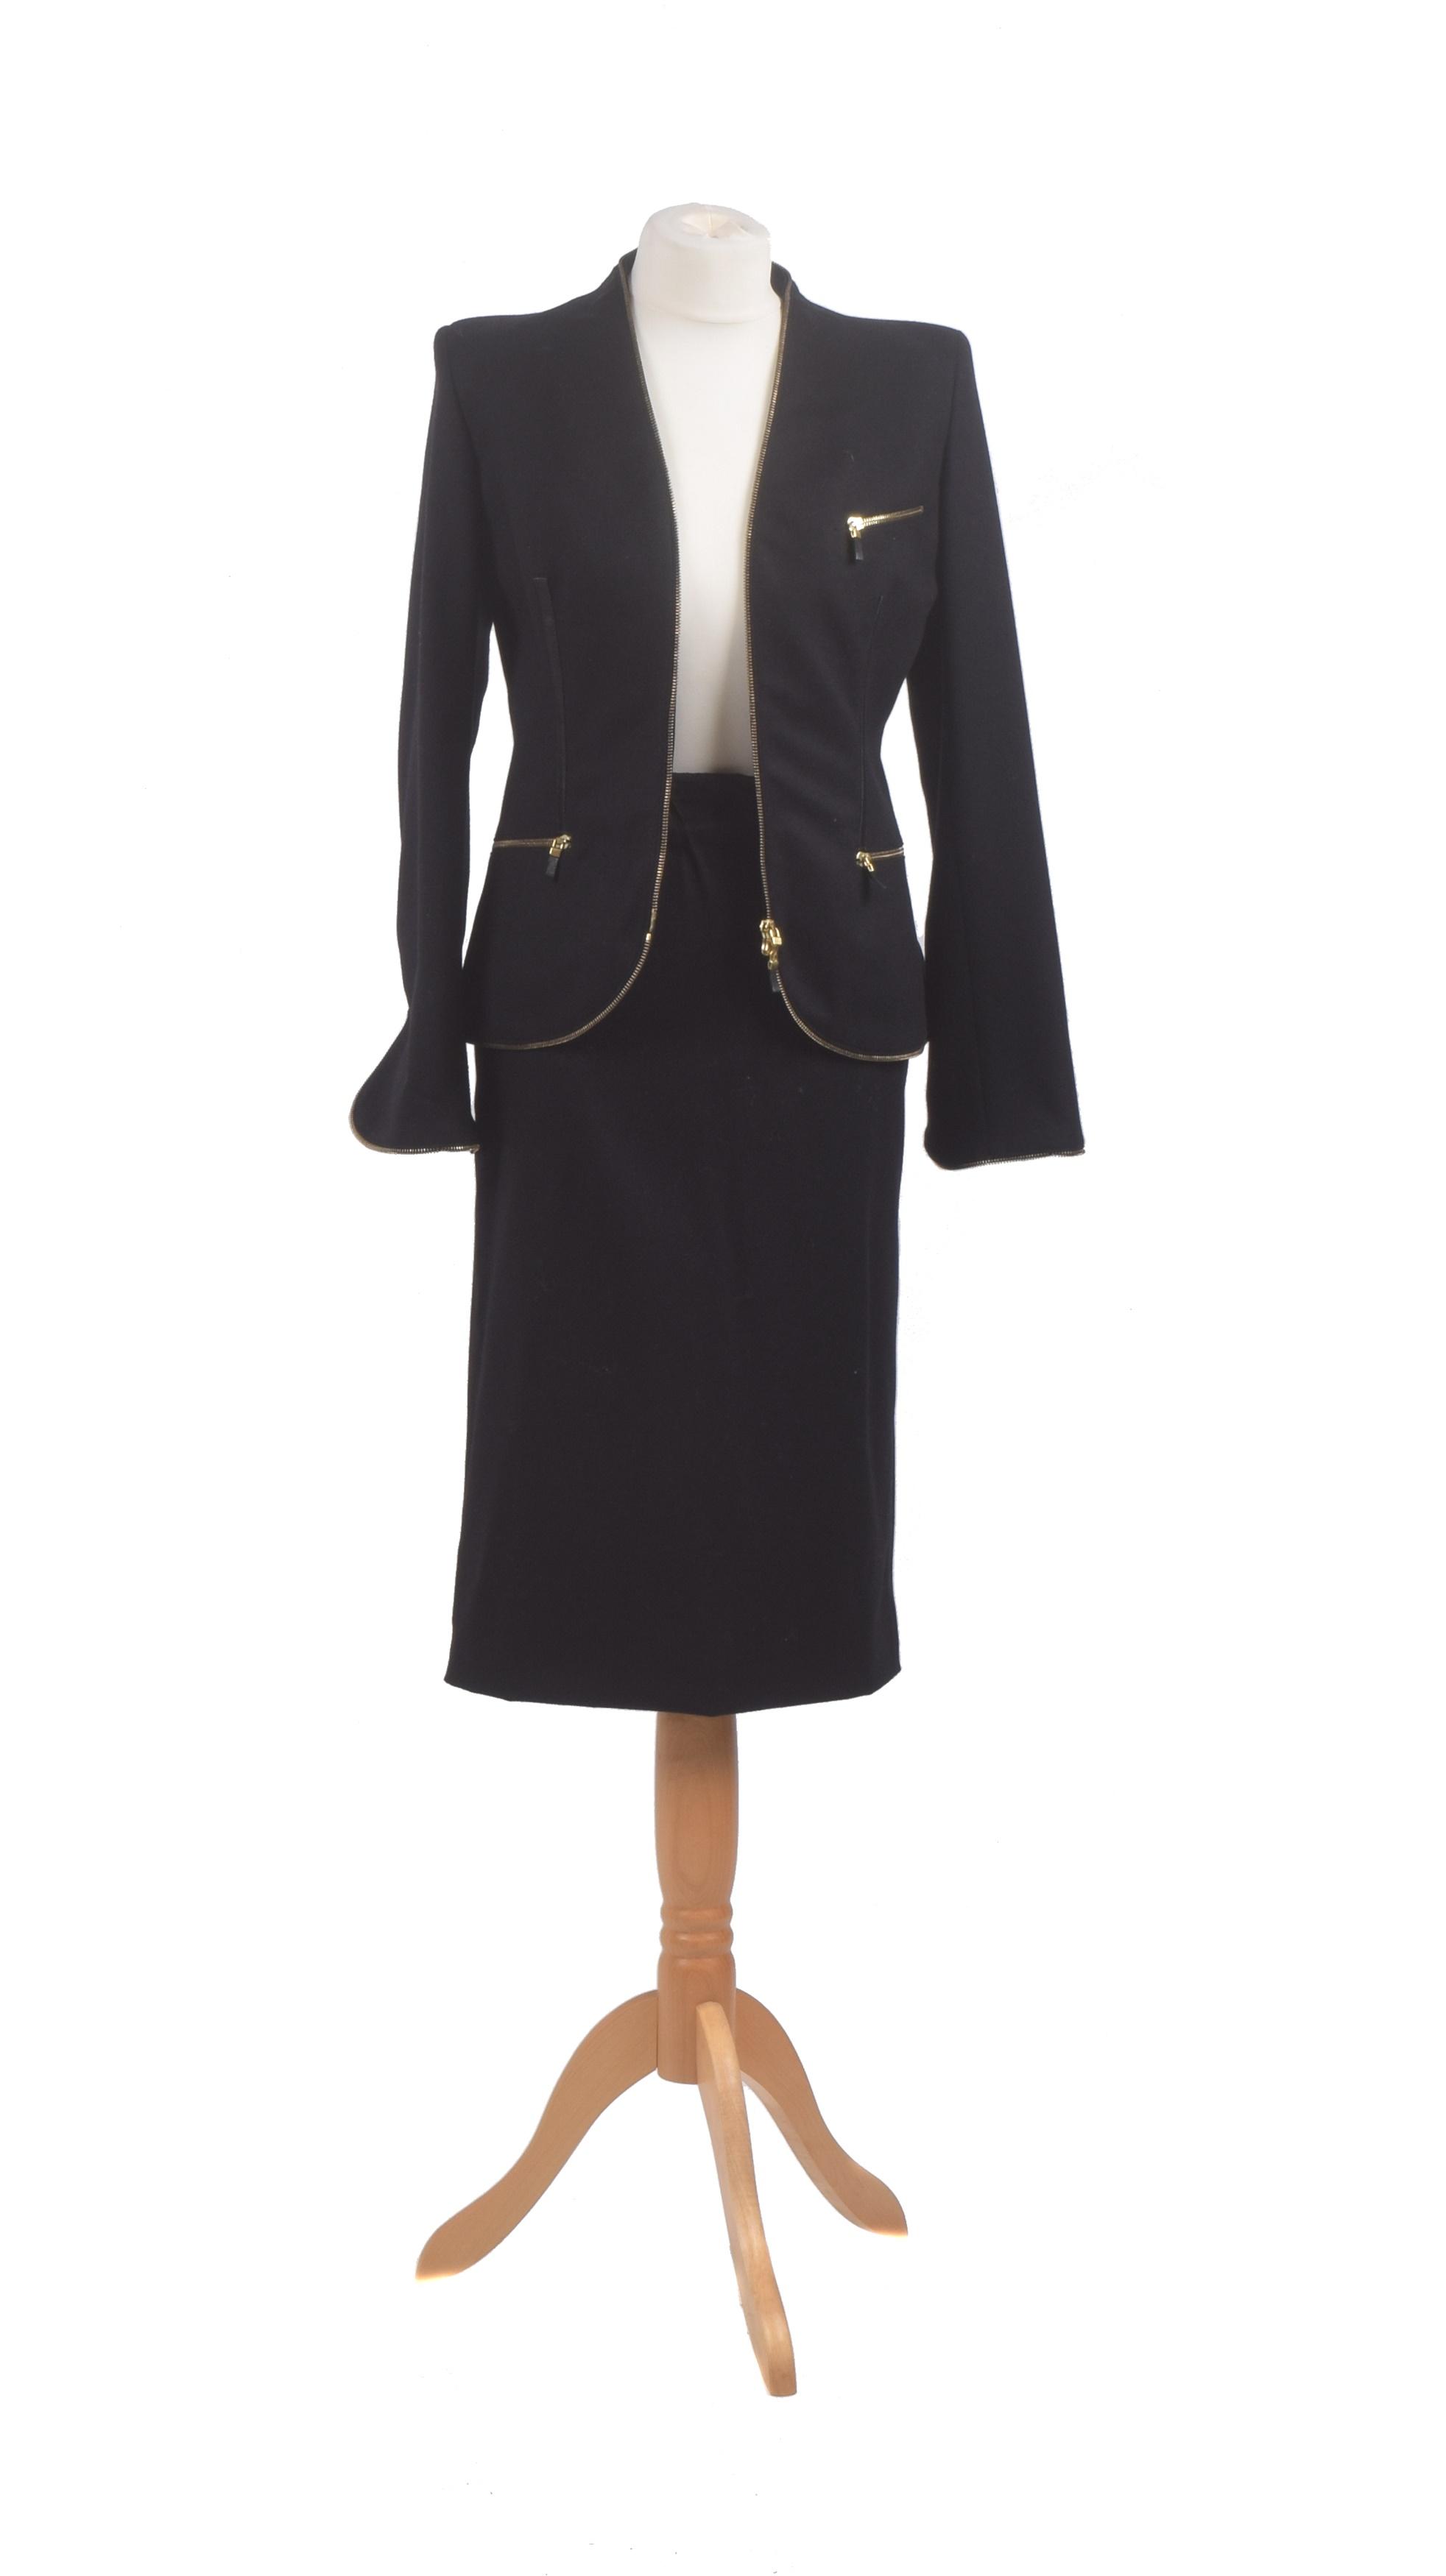 Alexander McQueen wool two piece suit